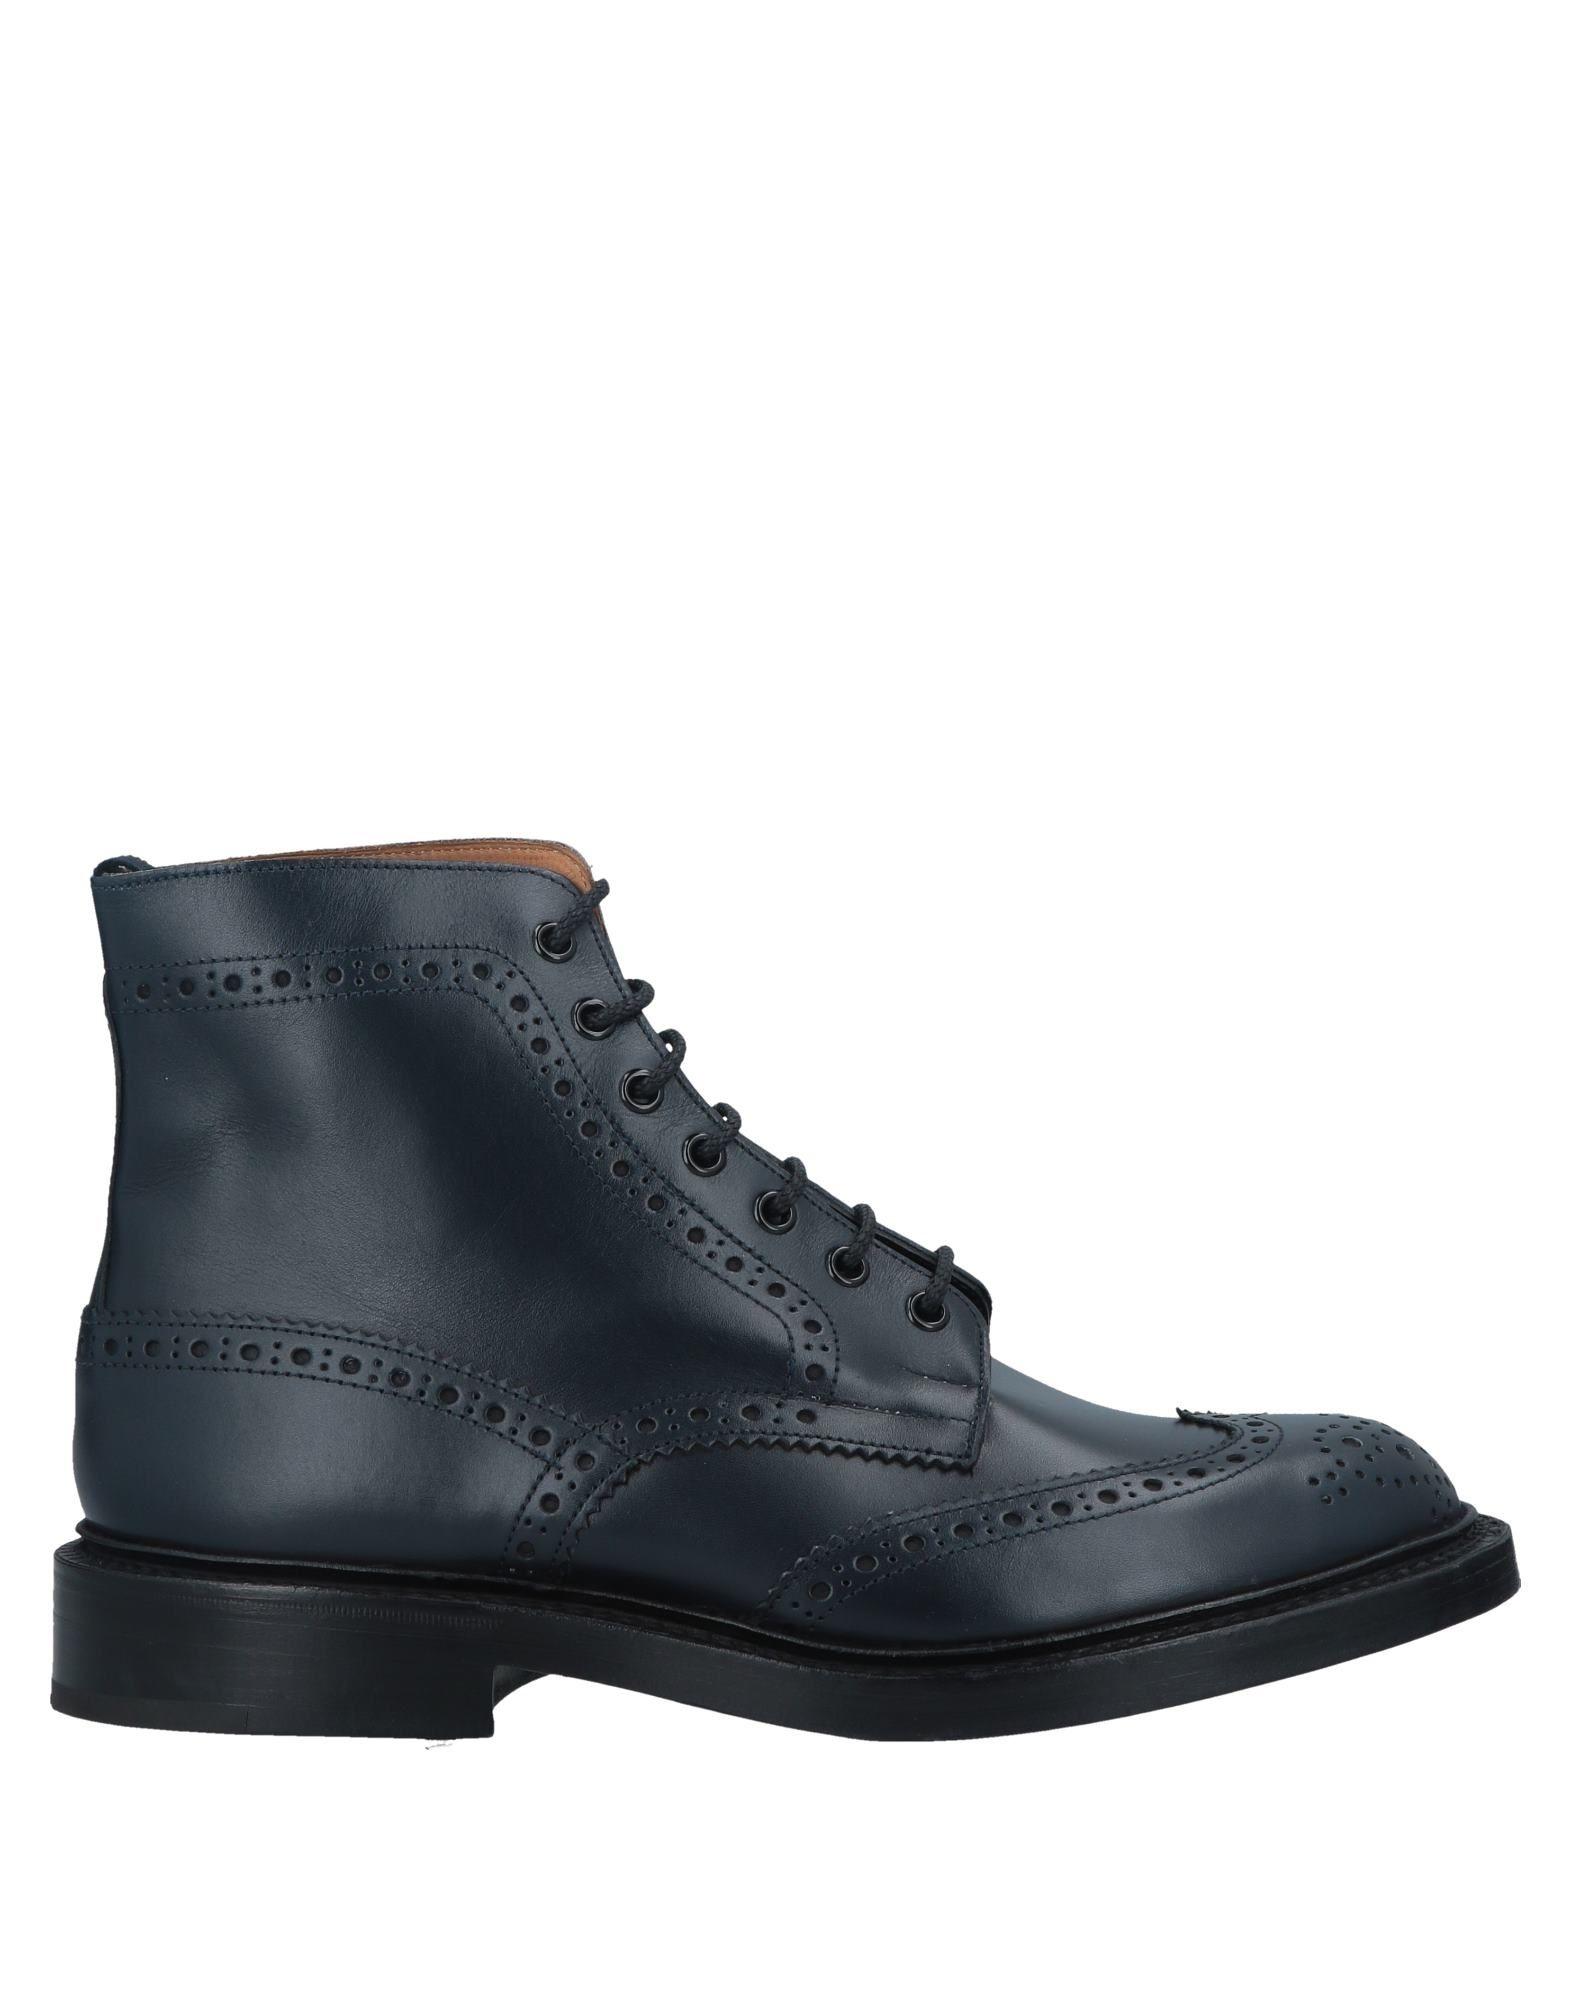 MACKINTOSH Полусапоги и высокие ботинки цена и фото